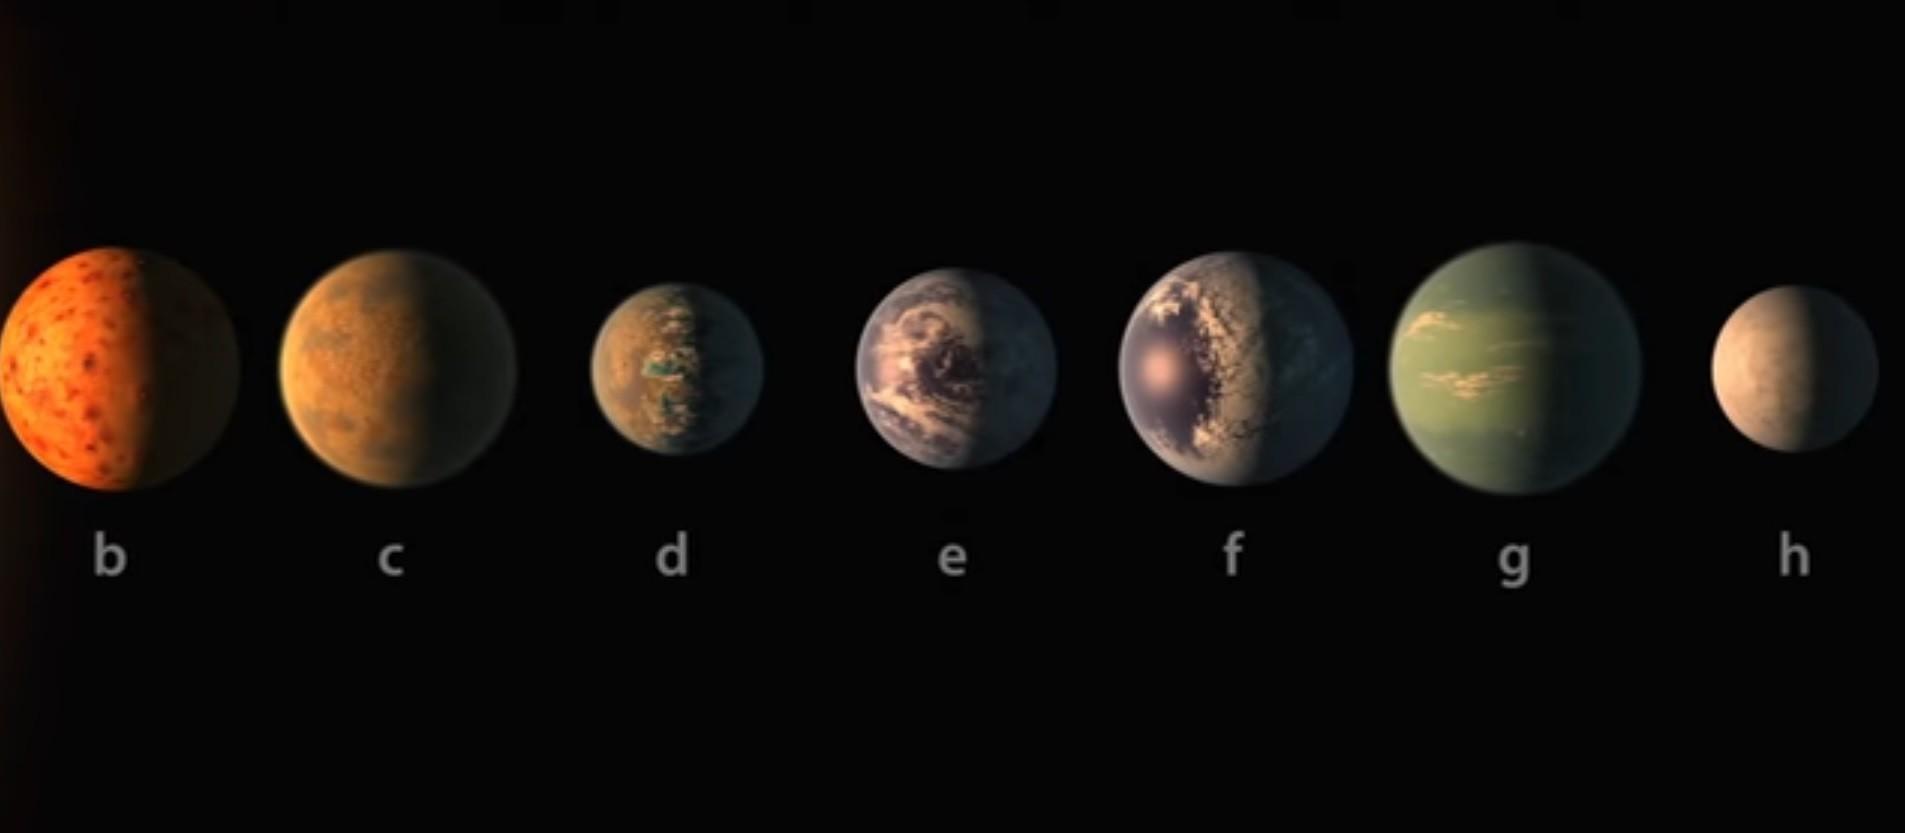 NASA entdeckt sieben erdähnliche Planeten, auf denen es Wasser und Leben geben könnte